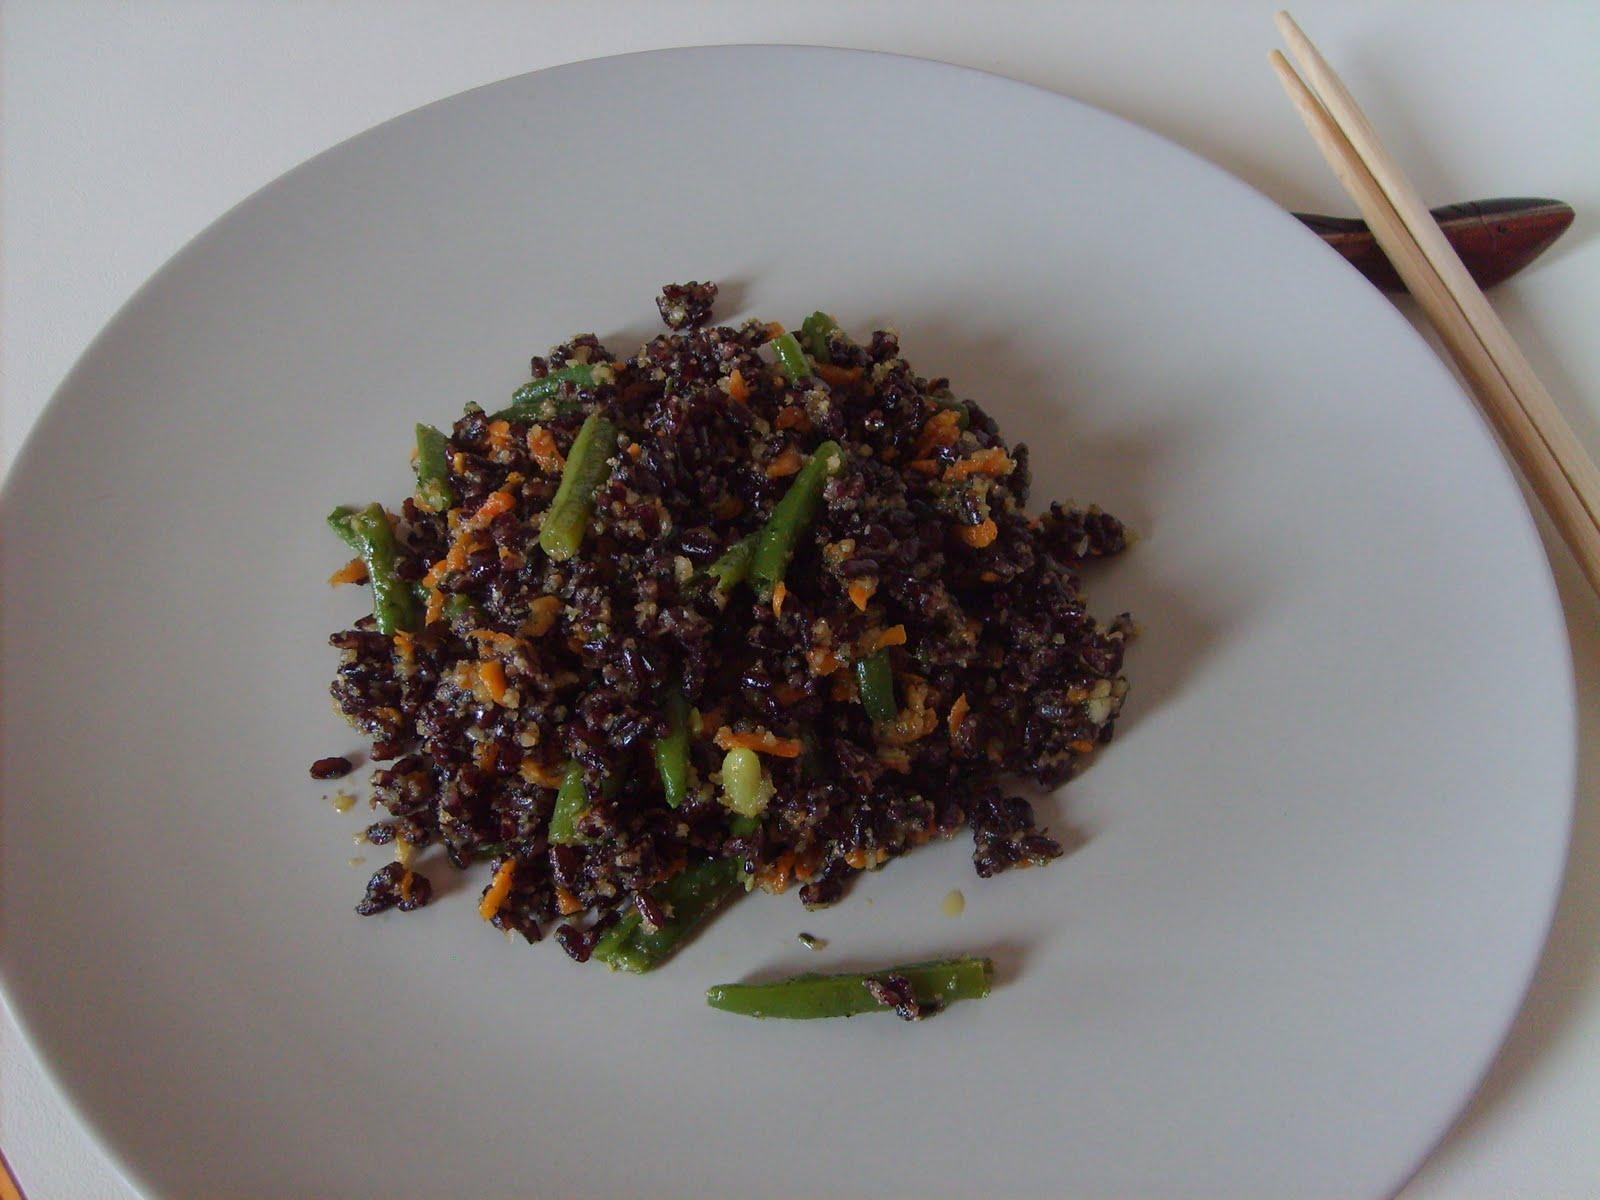 Vissi d 39 arte e di cucina riso venere con verdure e pesto - Cucinare riso venere ...